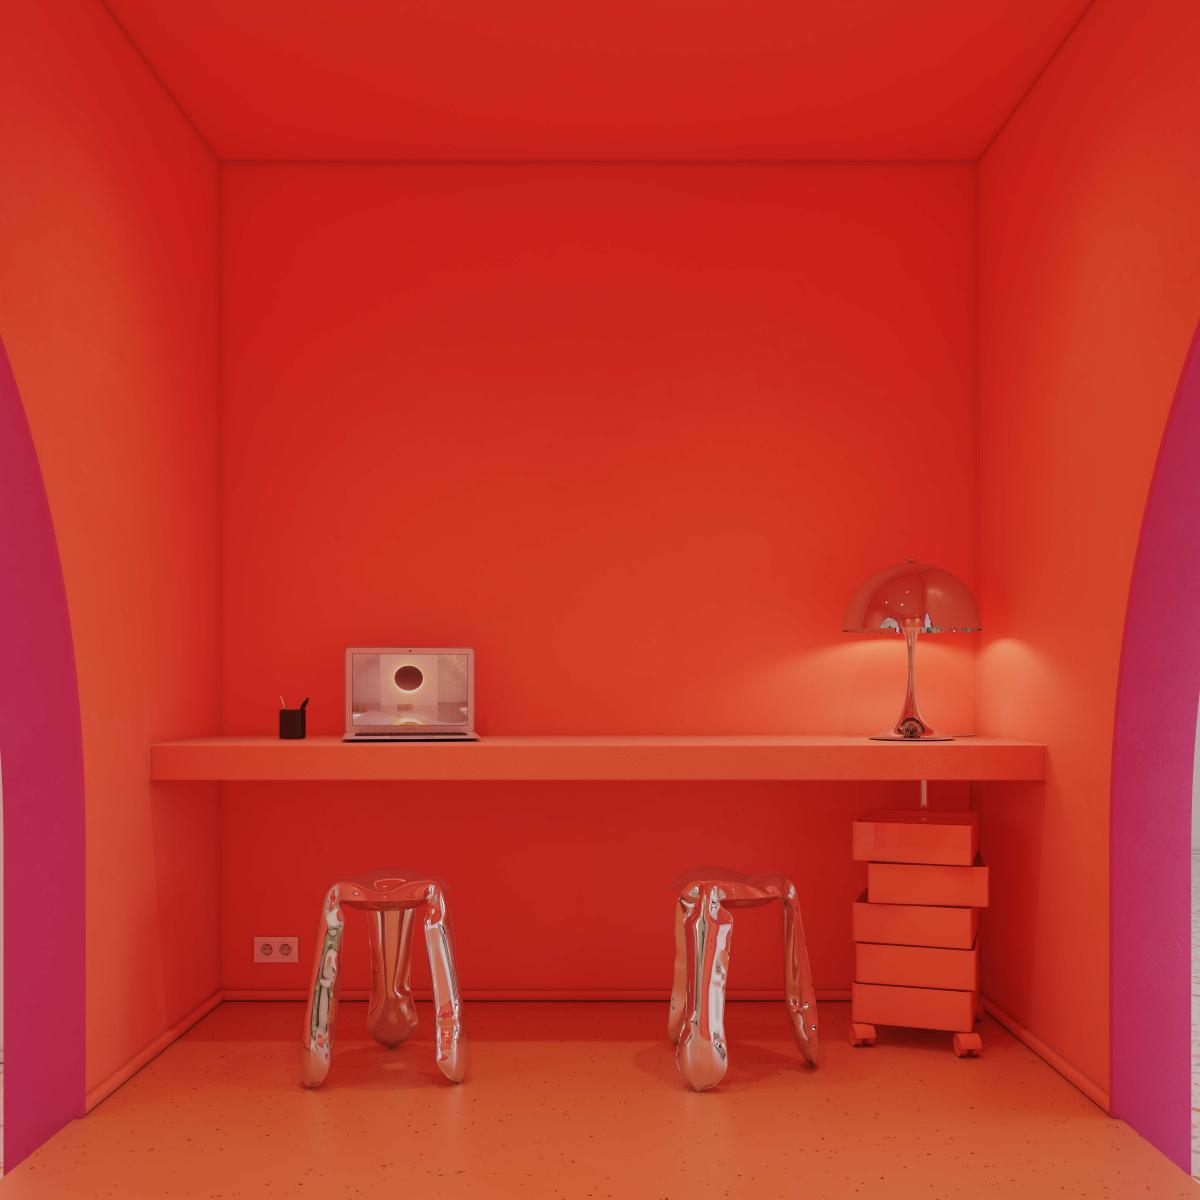 Osez choisir une espace explosive dans une couleur